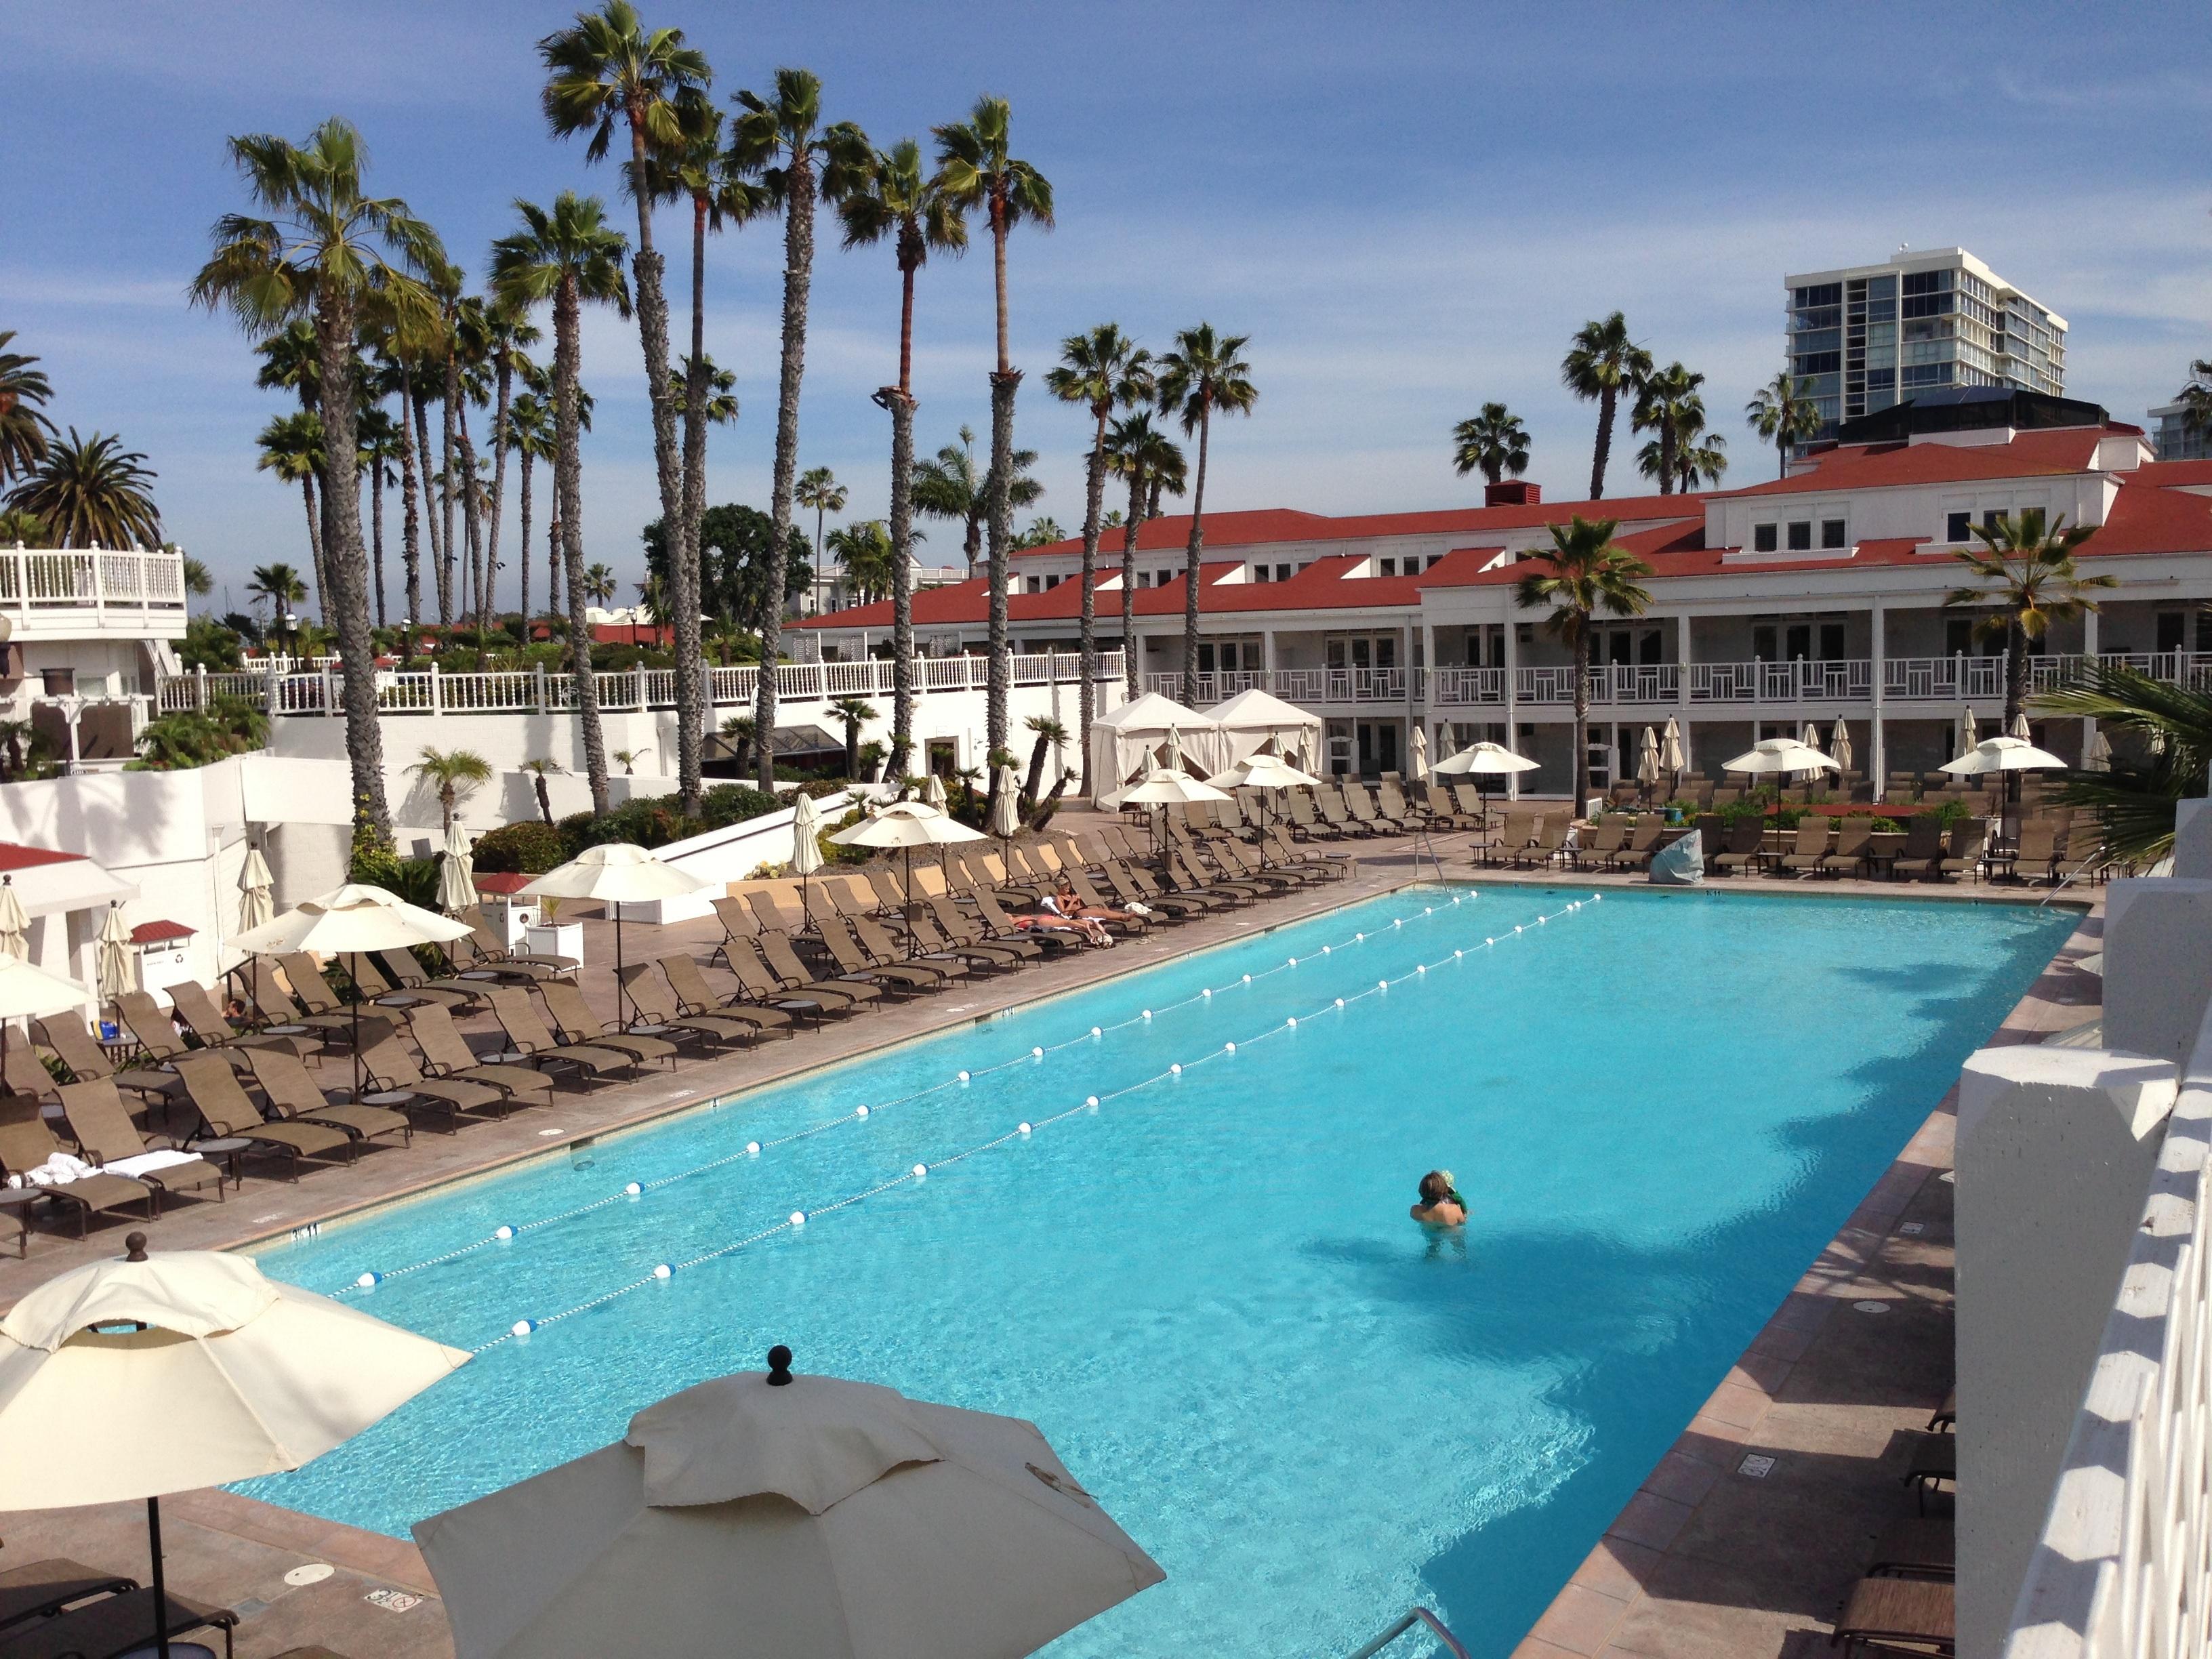 Hotel Del Coronado Pool Copyright Shelagh Donnelly